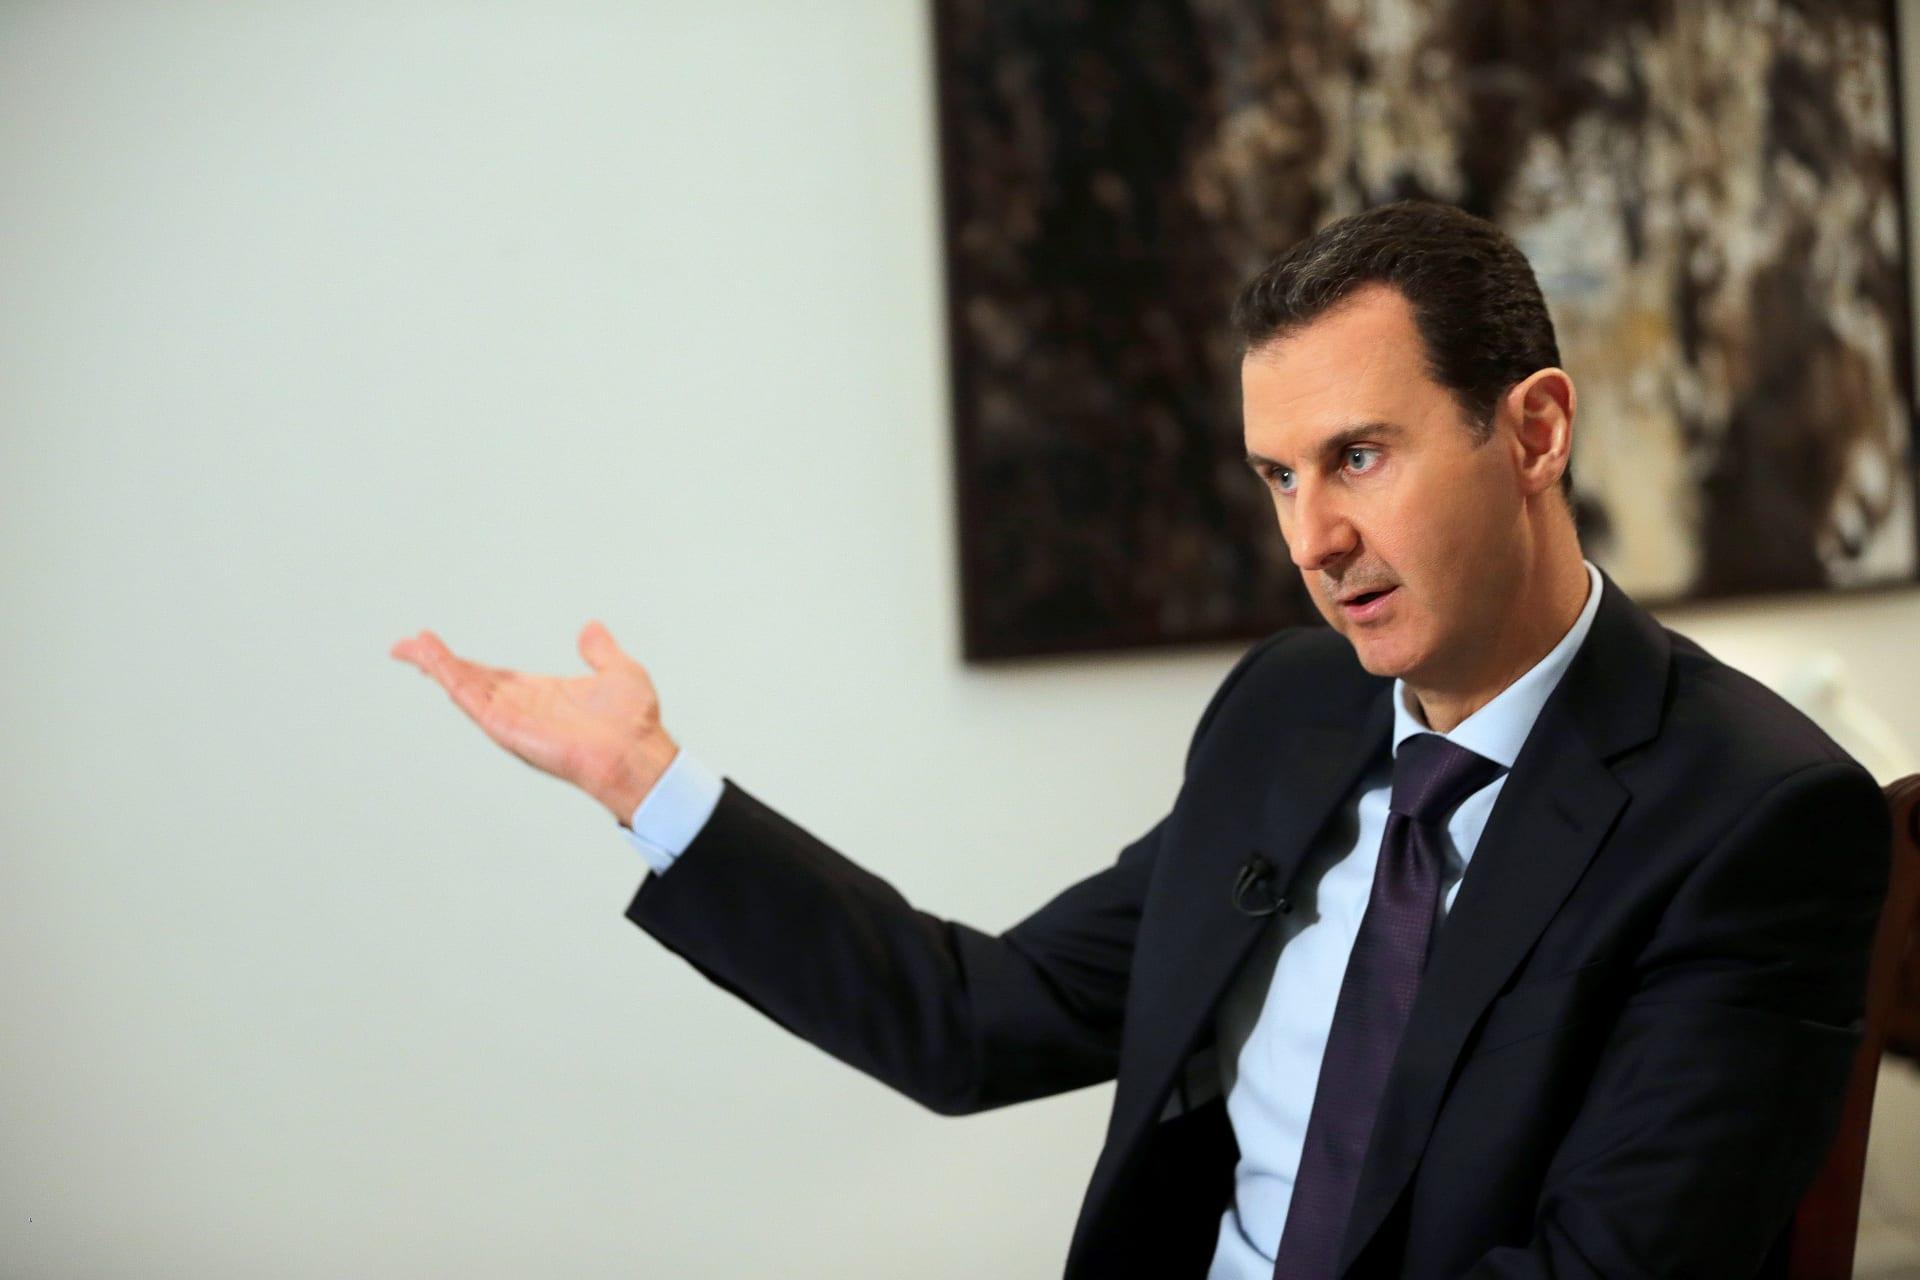 مجلس الشعب السوري يفتح باب الترشح لانتخابات الرئاسة ويحدد موعد التصويت